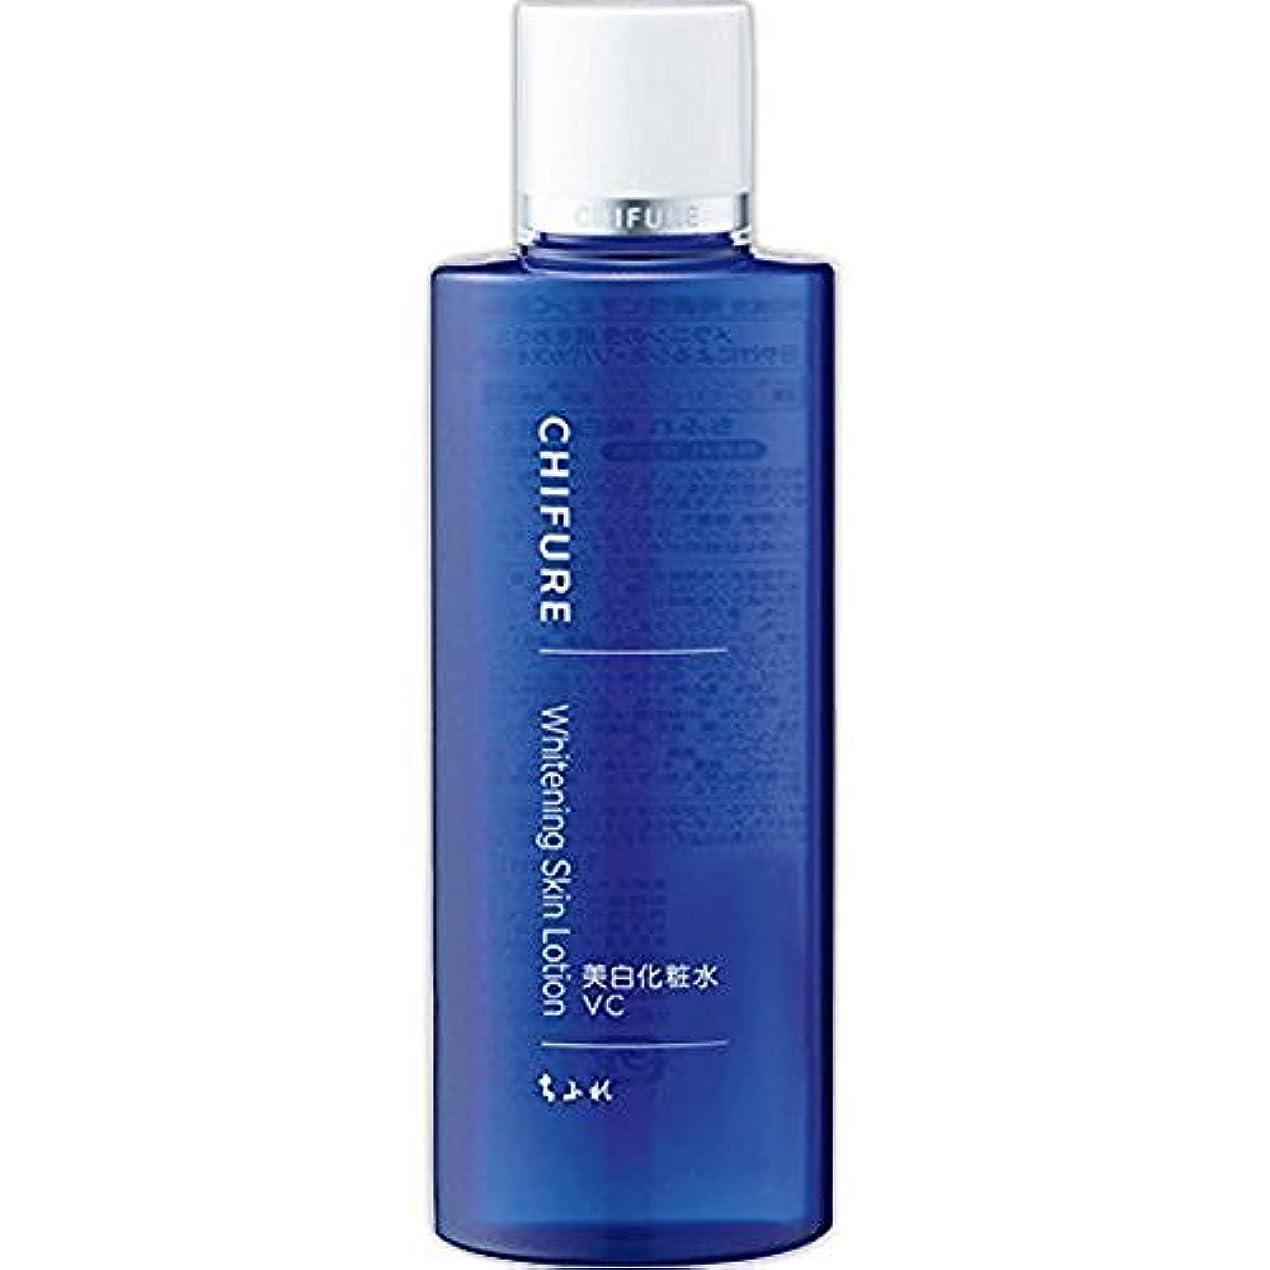 スナップ学習者ゼロちふれ化粧品 美白化粧水 VC 180ML (医薬部外品)